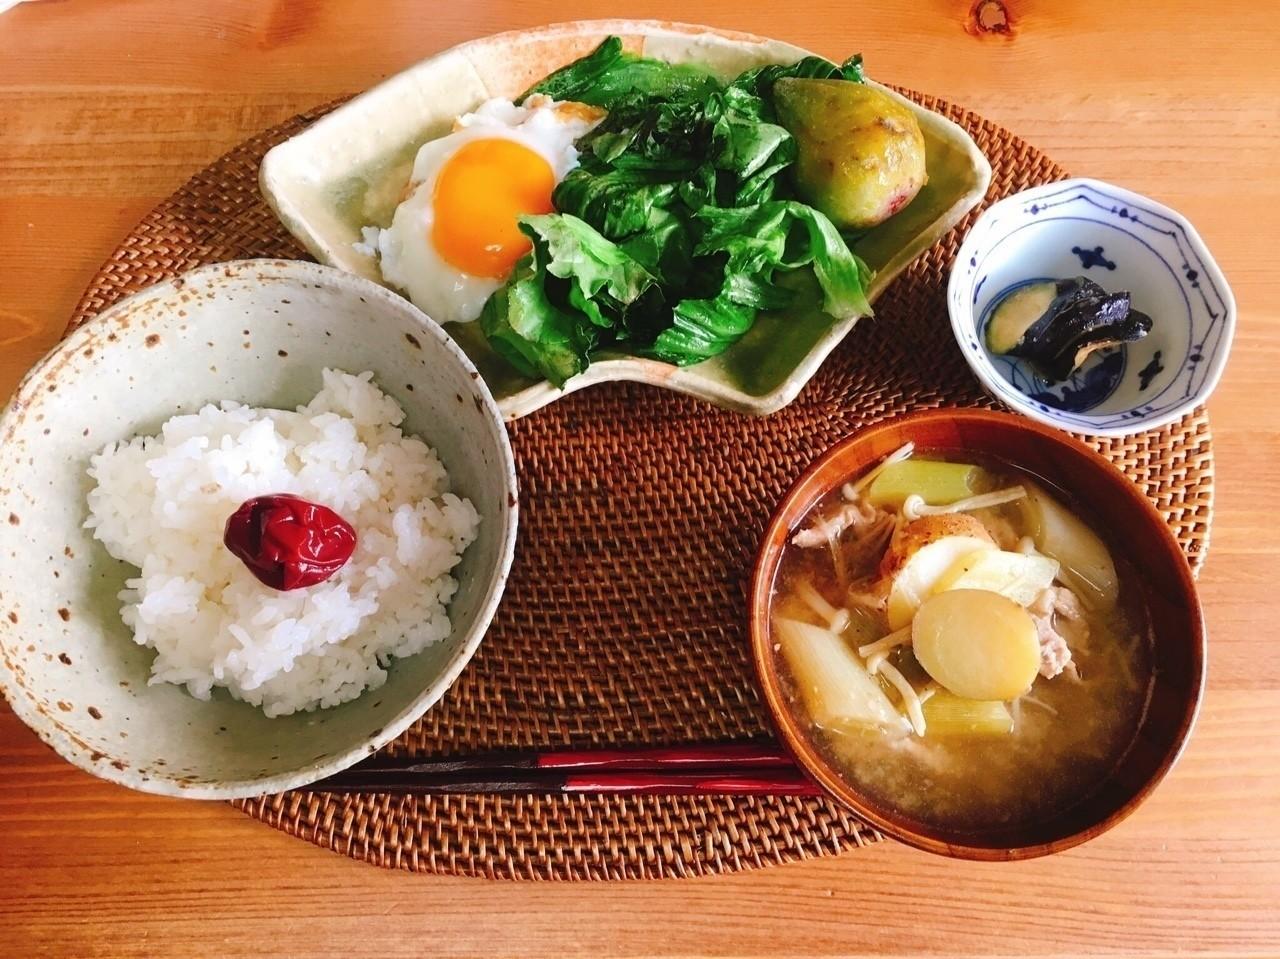 8月29日朝。 昨日作った豚汁アゲイン。なすを味噌で揉んだだけの漬け物が簡単すぎてお気に入り。梅干しはいろむすび山菜やさんの昔ながらの梅干し。レタスは残ってたのをわしゃっと。満腹ですわい。 #一汁一菜 #一汁一菜でよいという提案 #一汁一菜ごはん #お味噌汁 #豚汁 #料理 #和食 #なす #毎日ごはん #ウチコの名もなきごはん